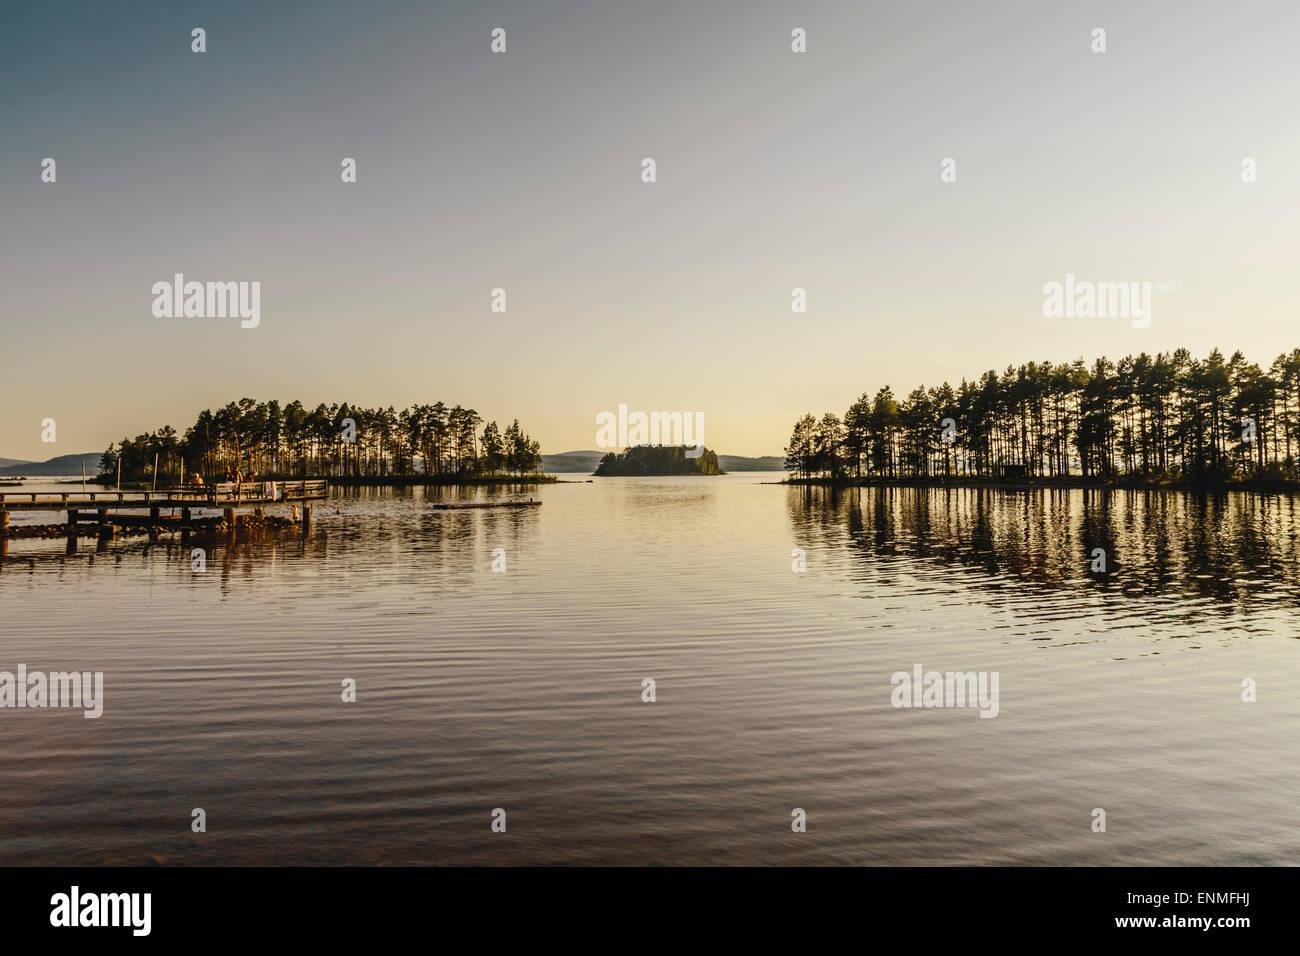 Lake Siljan at sunset in Tallberg Dalarna County, Sweden Stock Photo